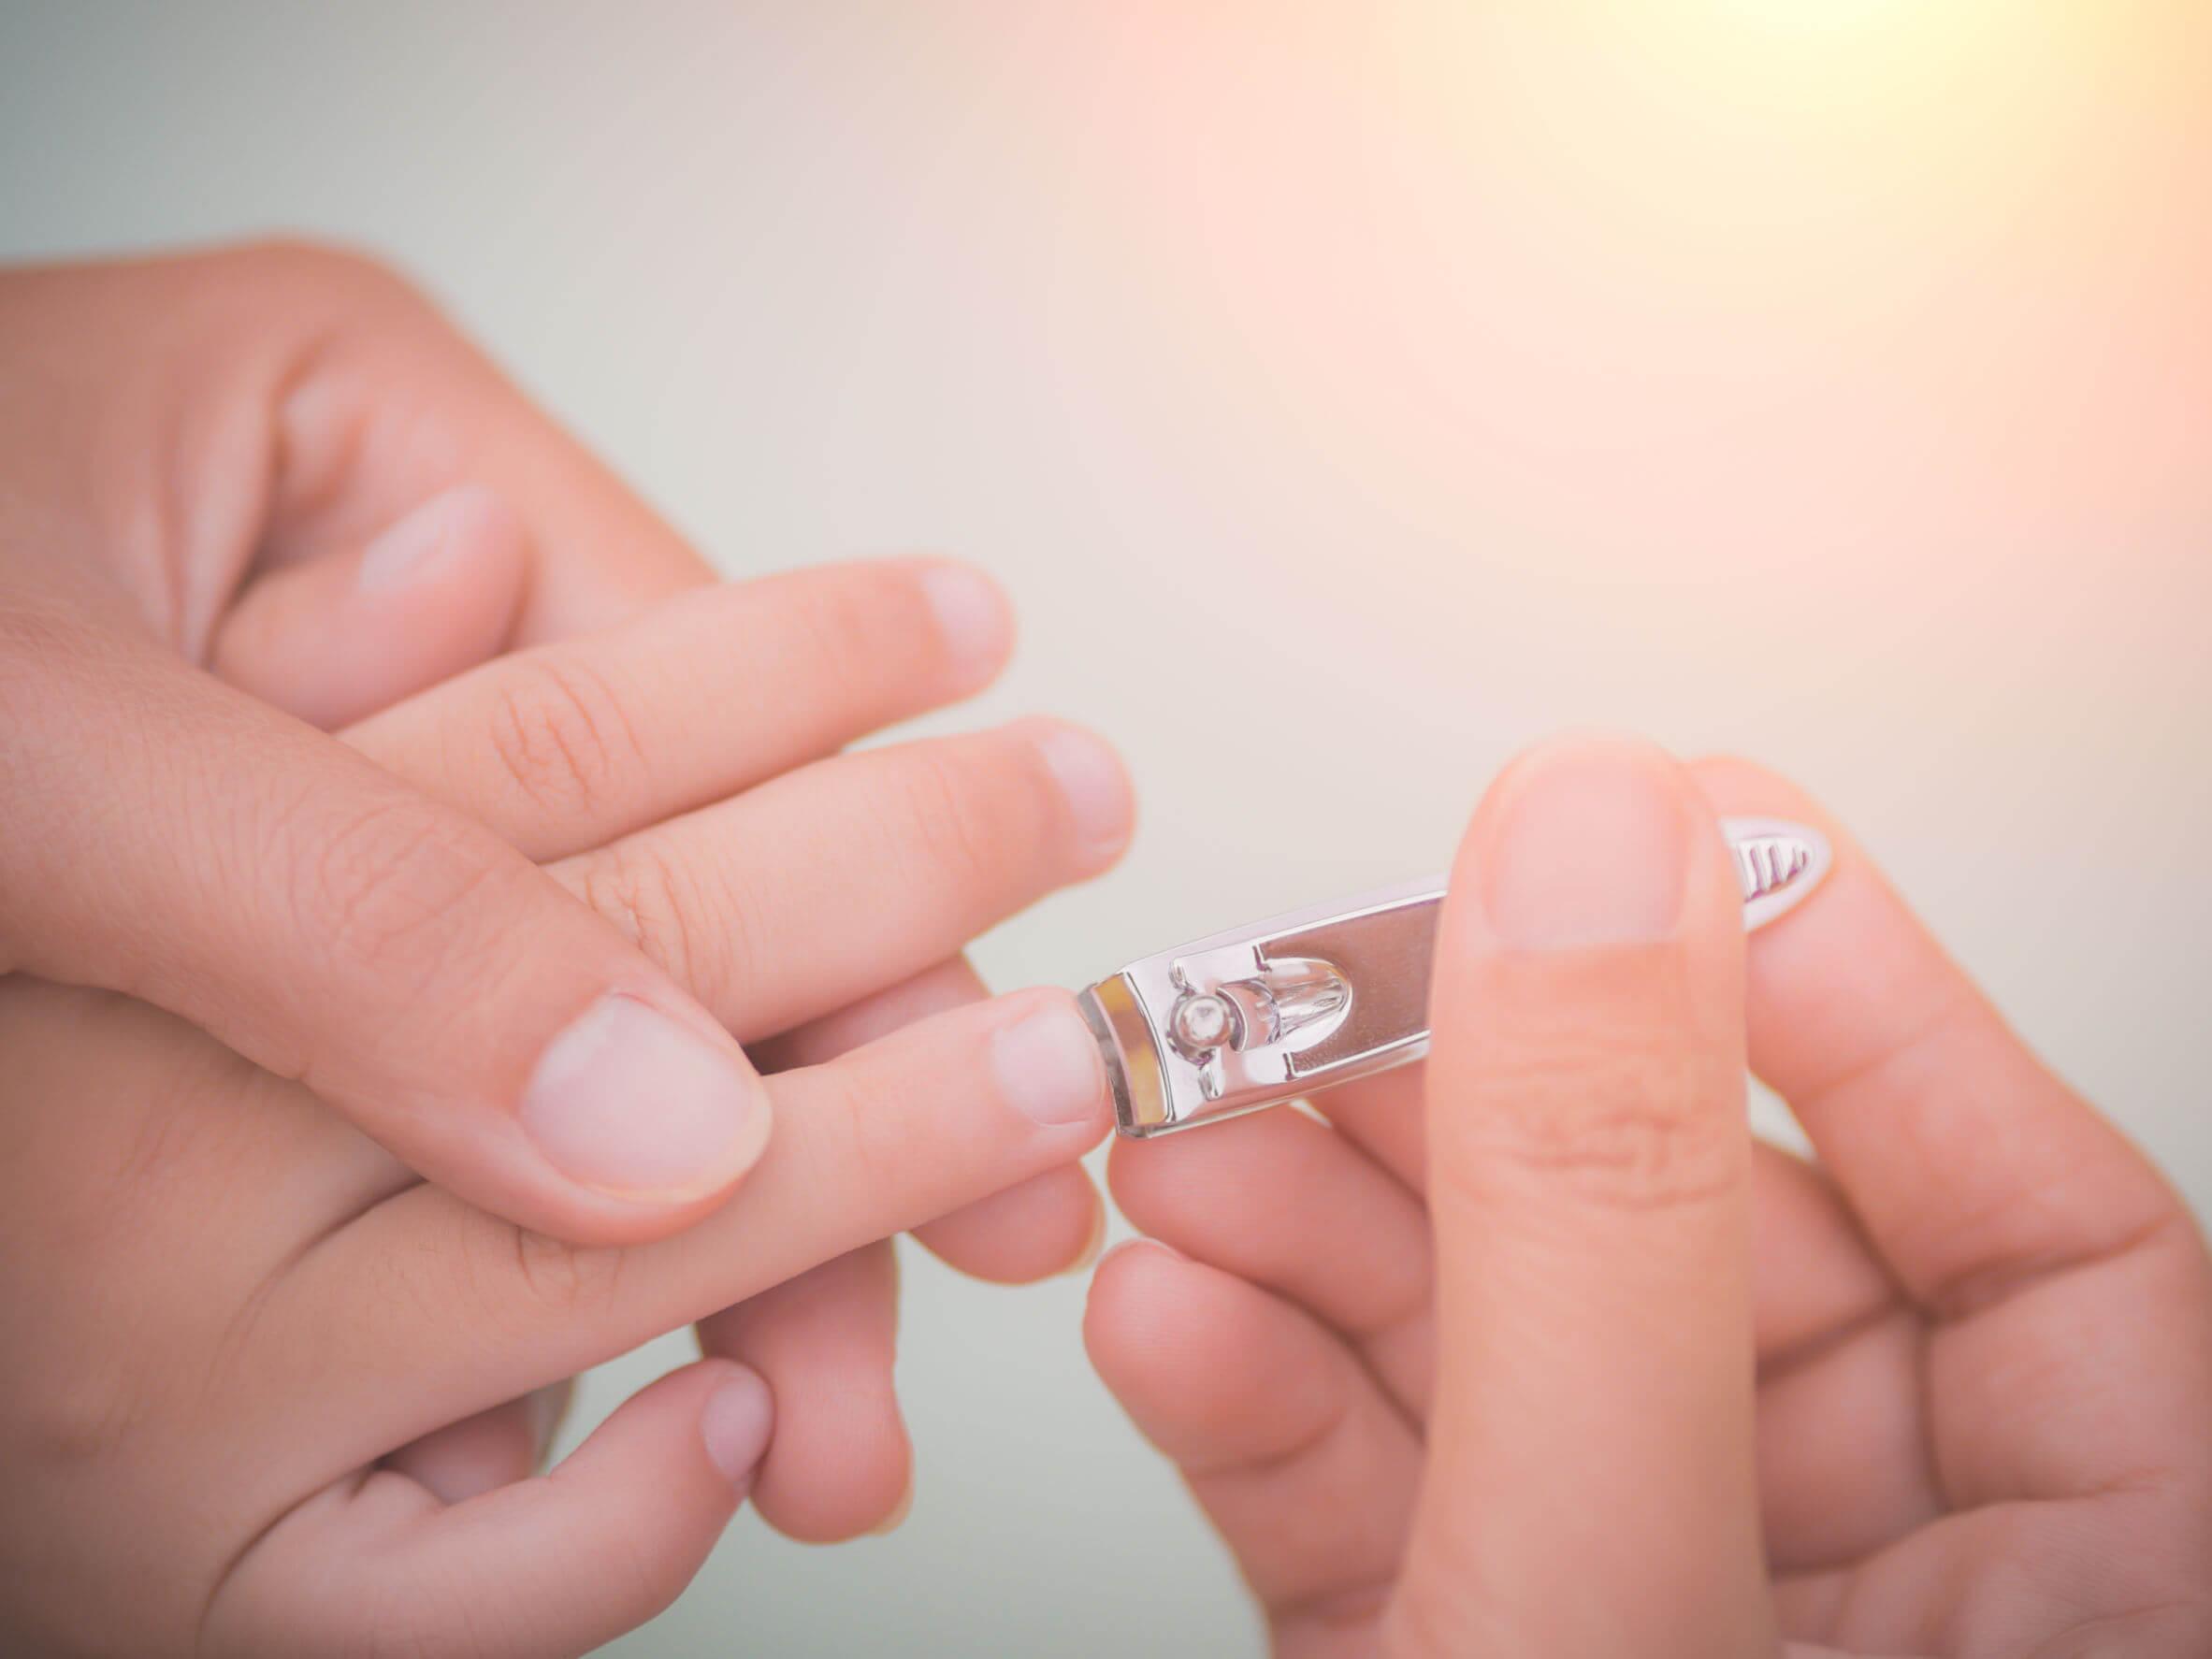 Madre cortándole las uñas a su hijo para evitar los uñeros en bebés y niños.